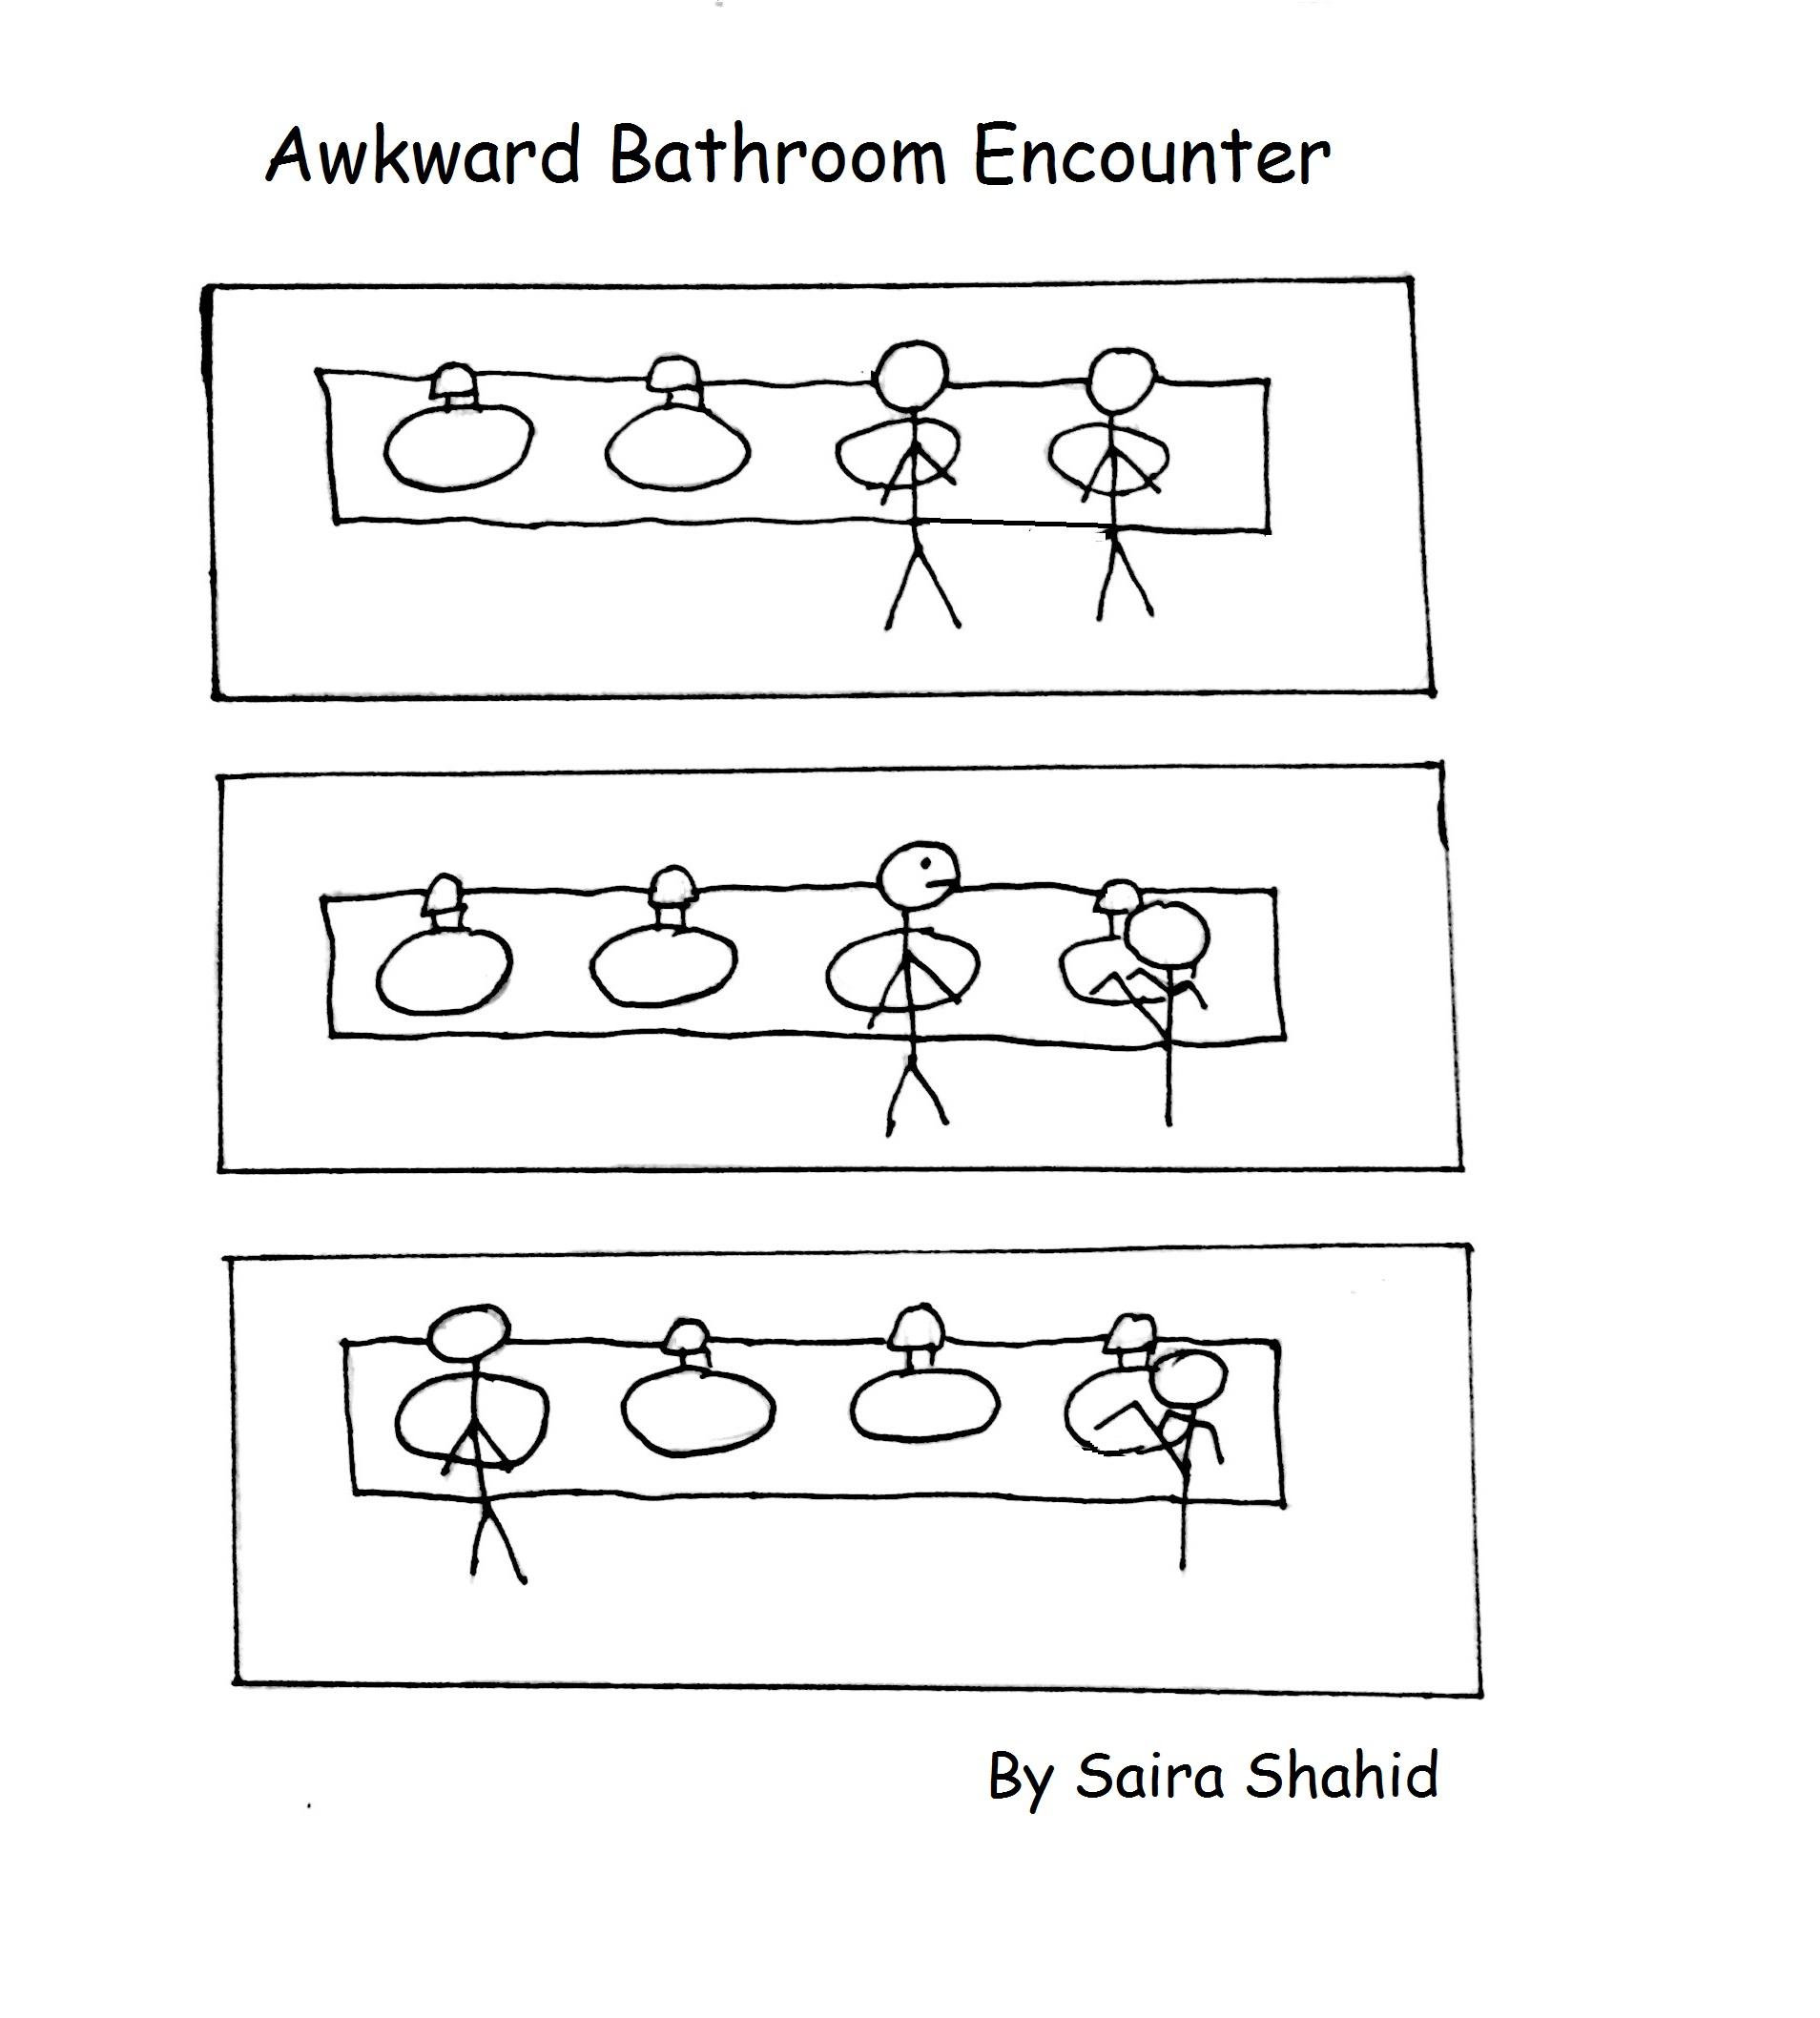 awkward-bathroom-encounter